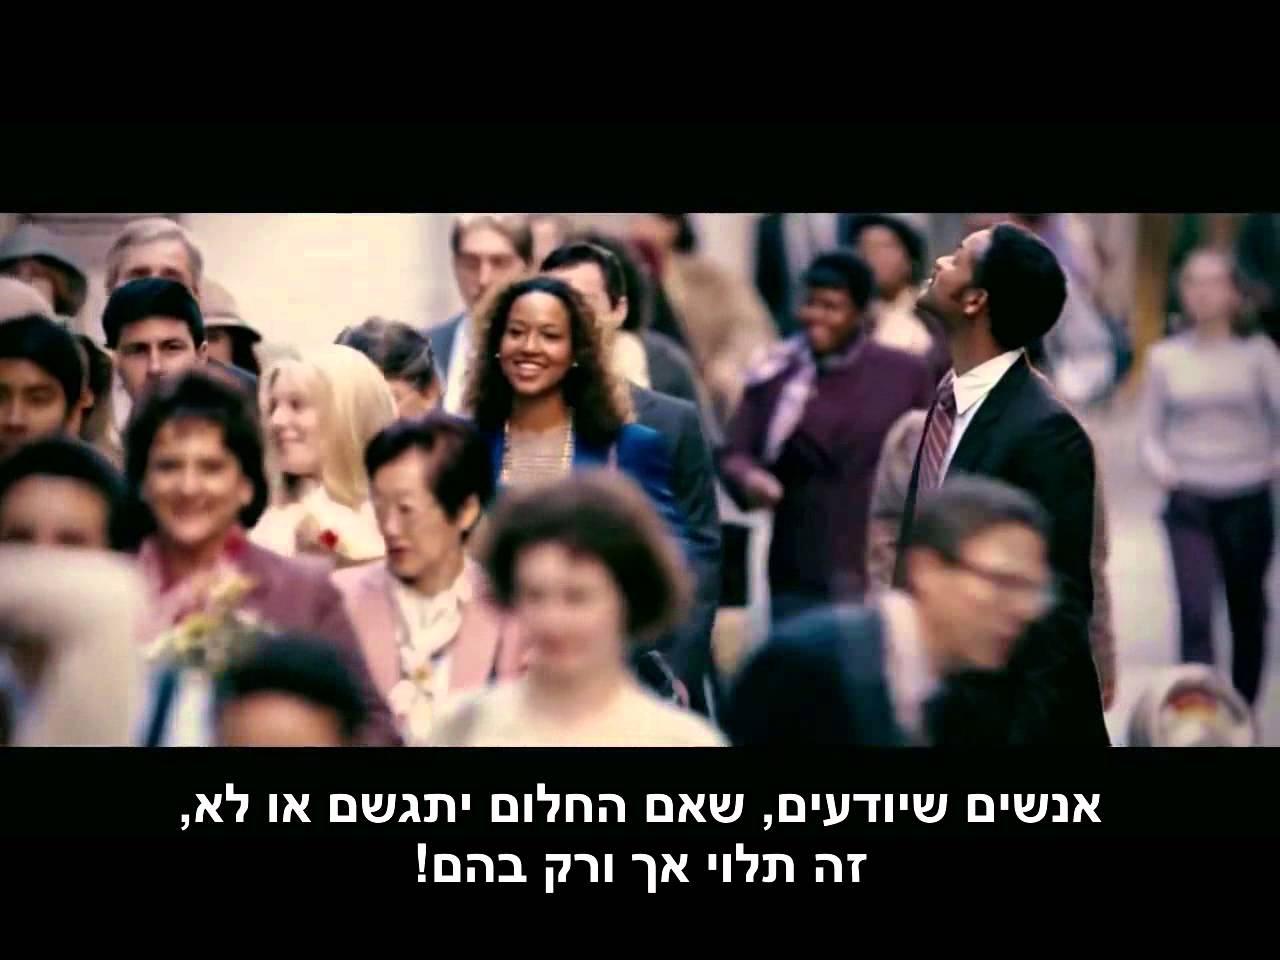 חלום / Dream – Motivational Video – אתה יכול לחיות את החלום שלך!